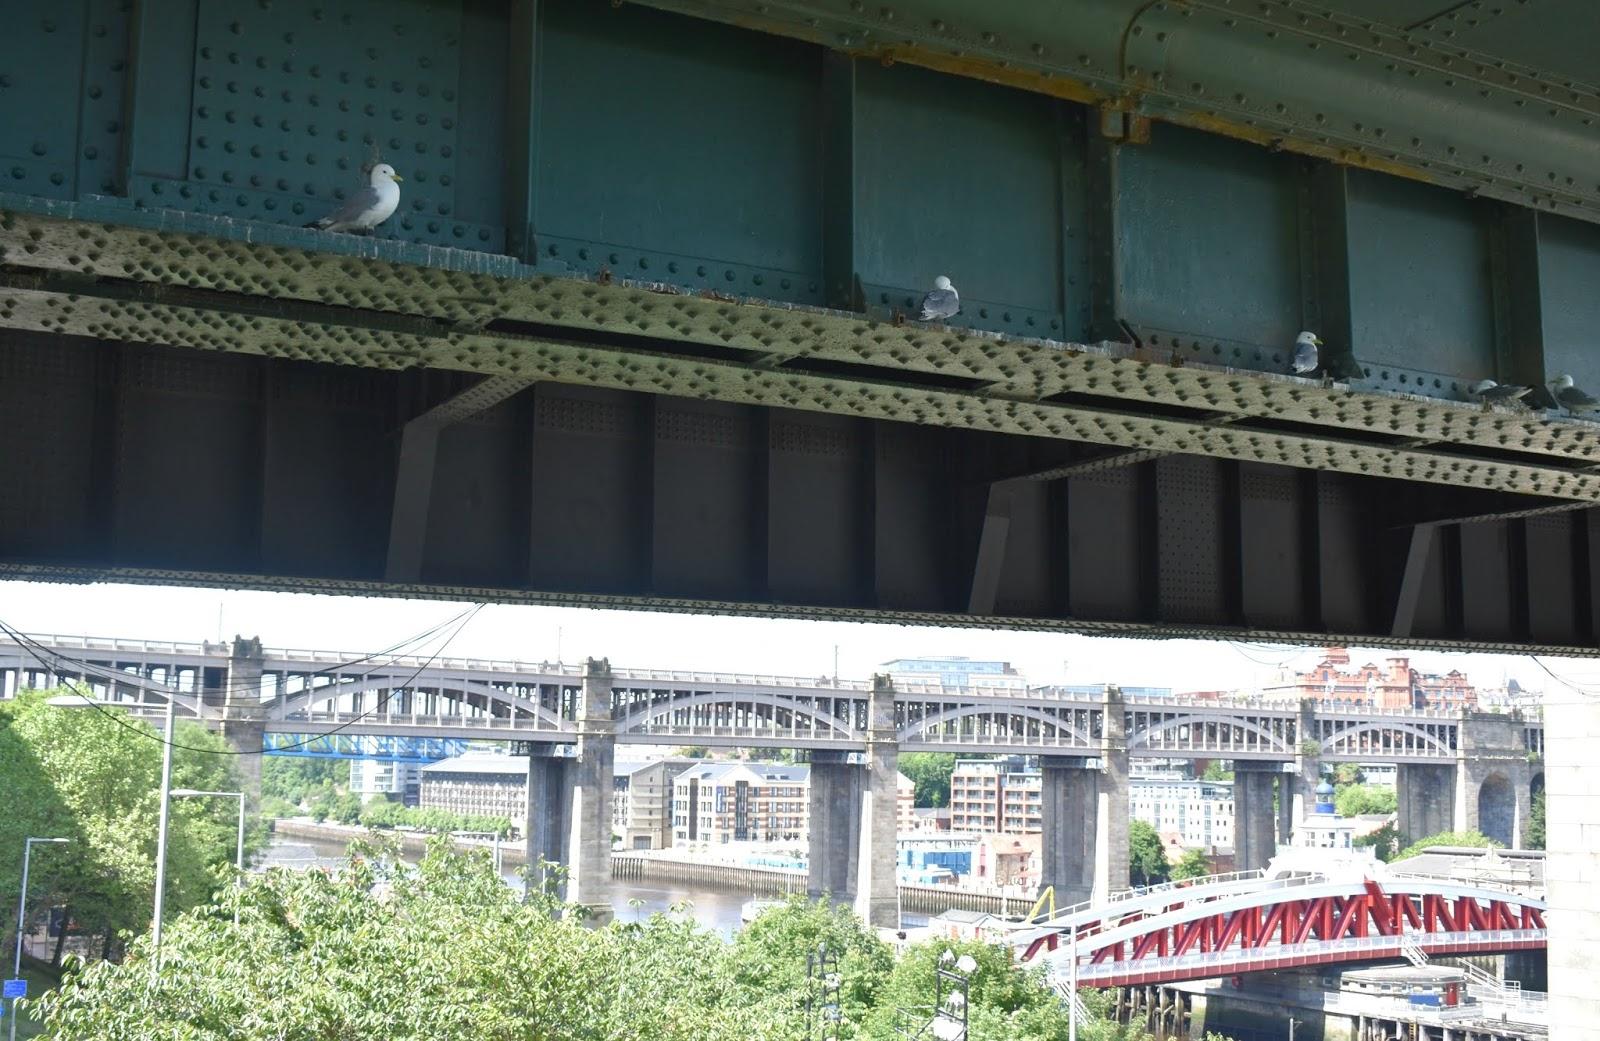 Tyne Bridge Newcastle - Kittiwakes